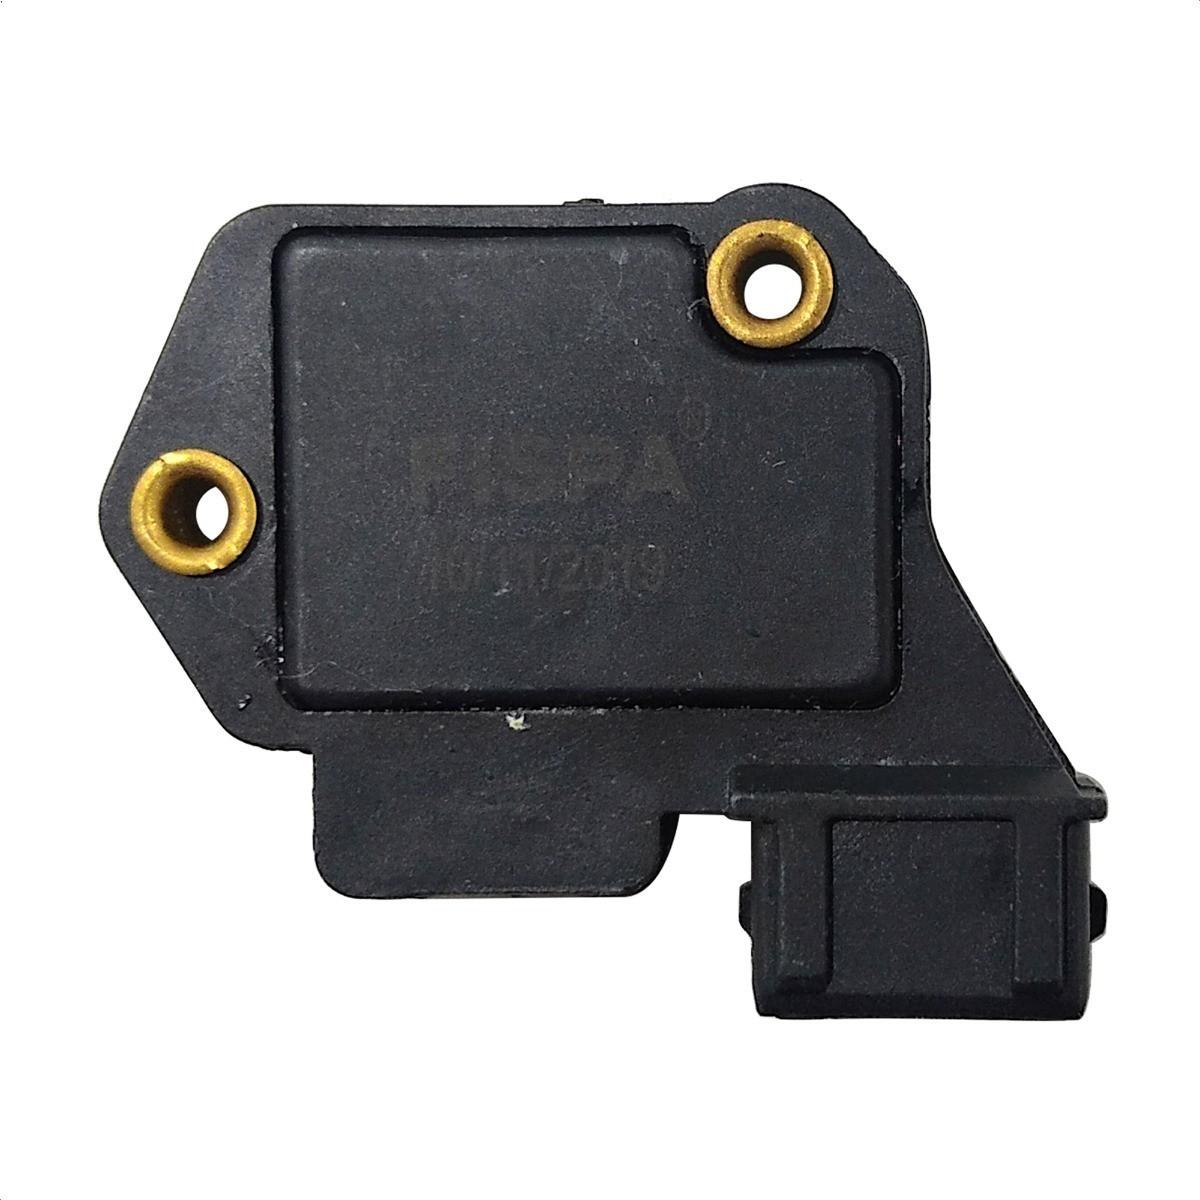 Modulo De Ignicion Fispa 50003 Fiat Duna Uno Ford Escort